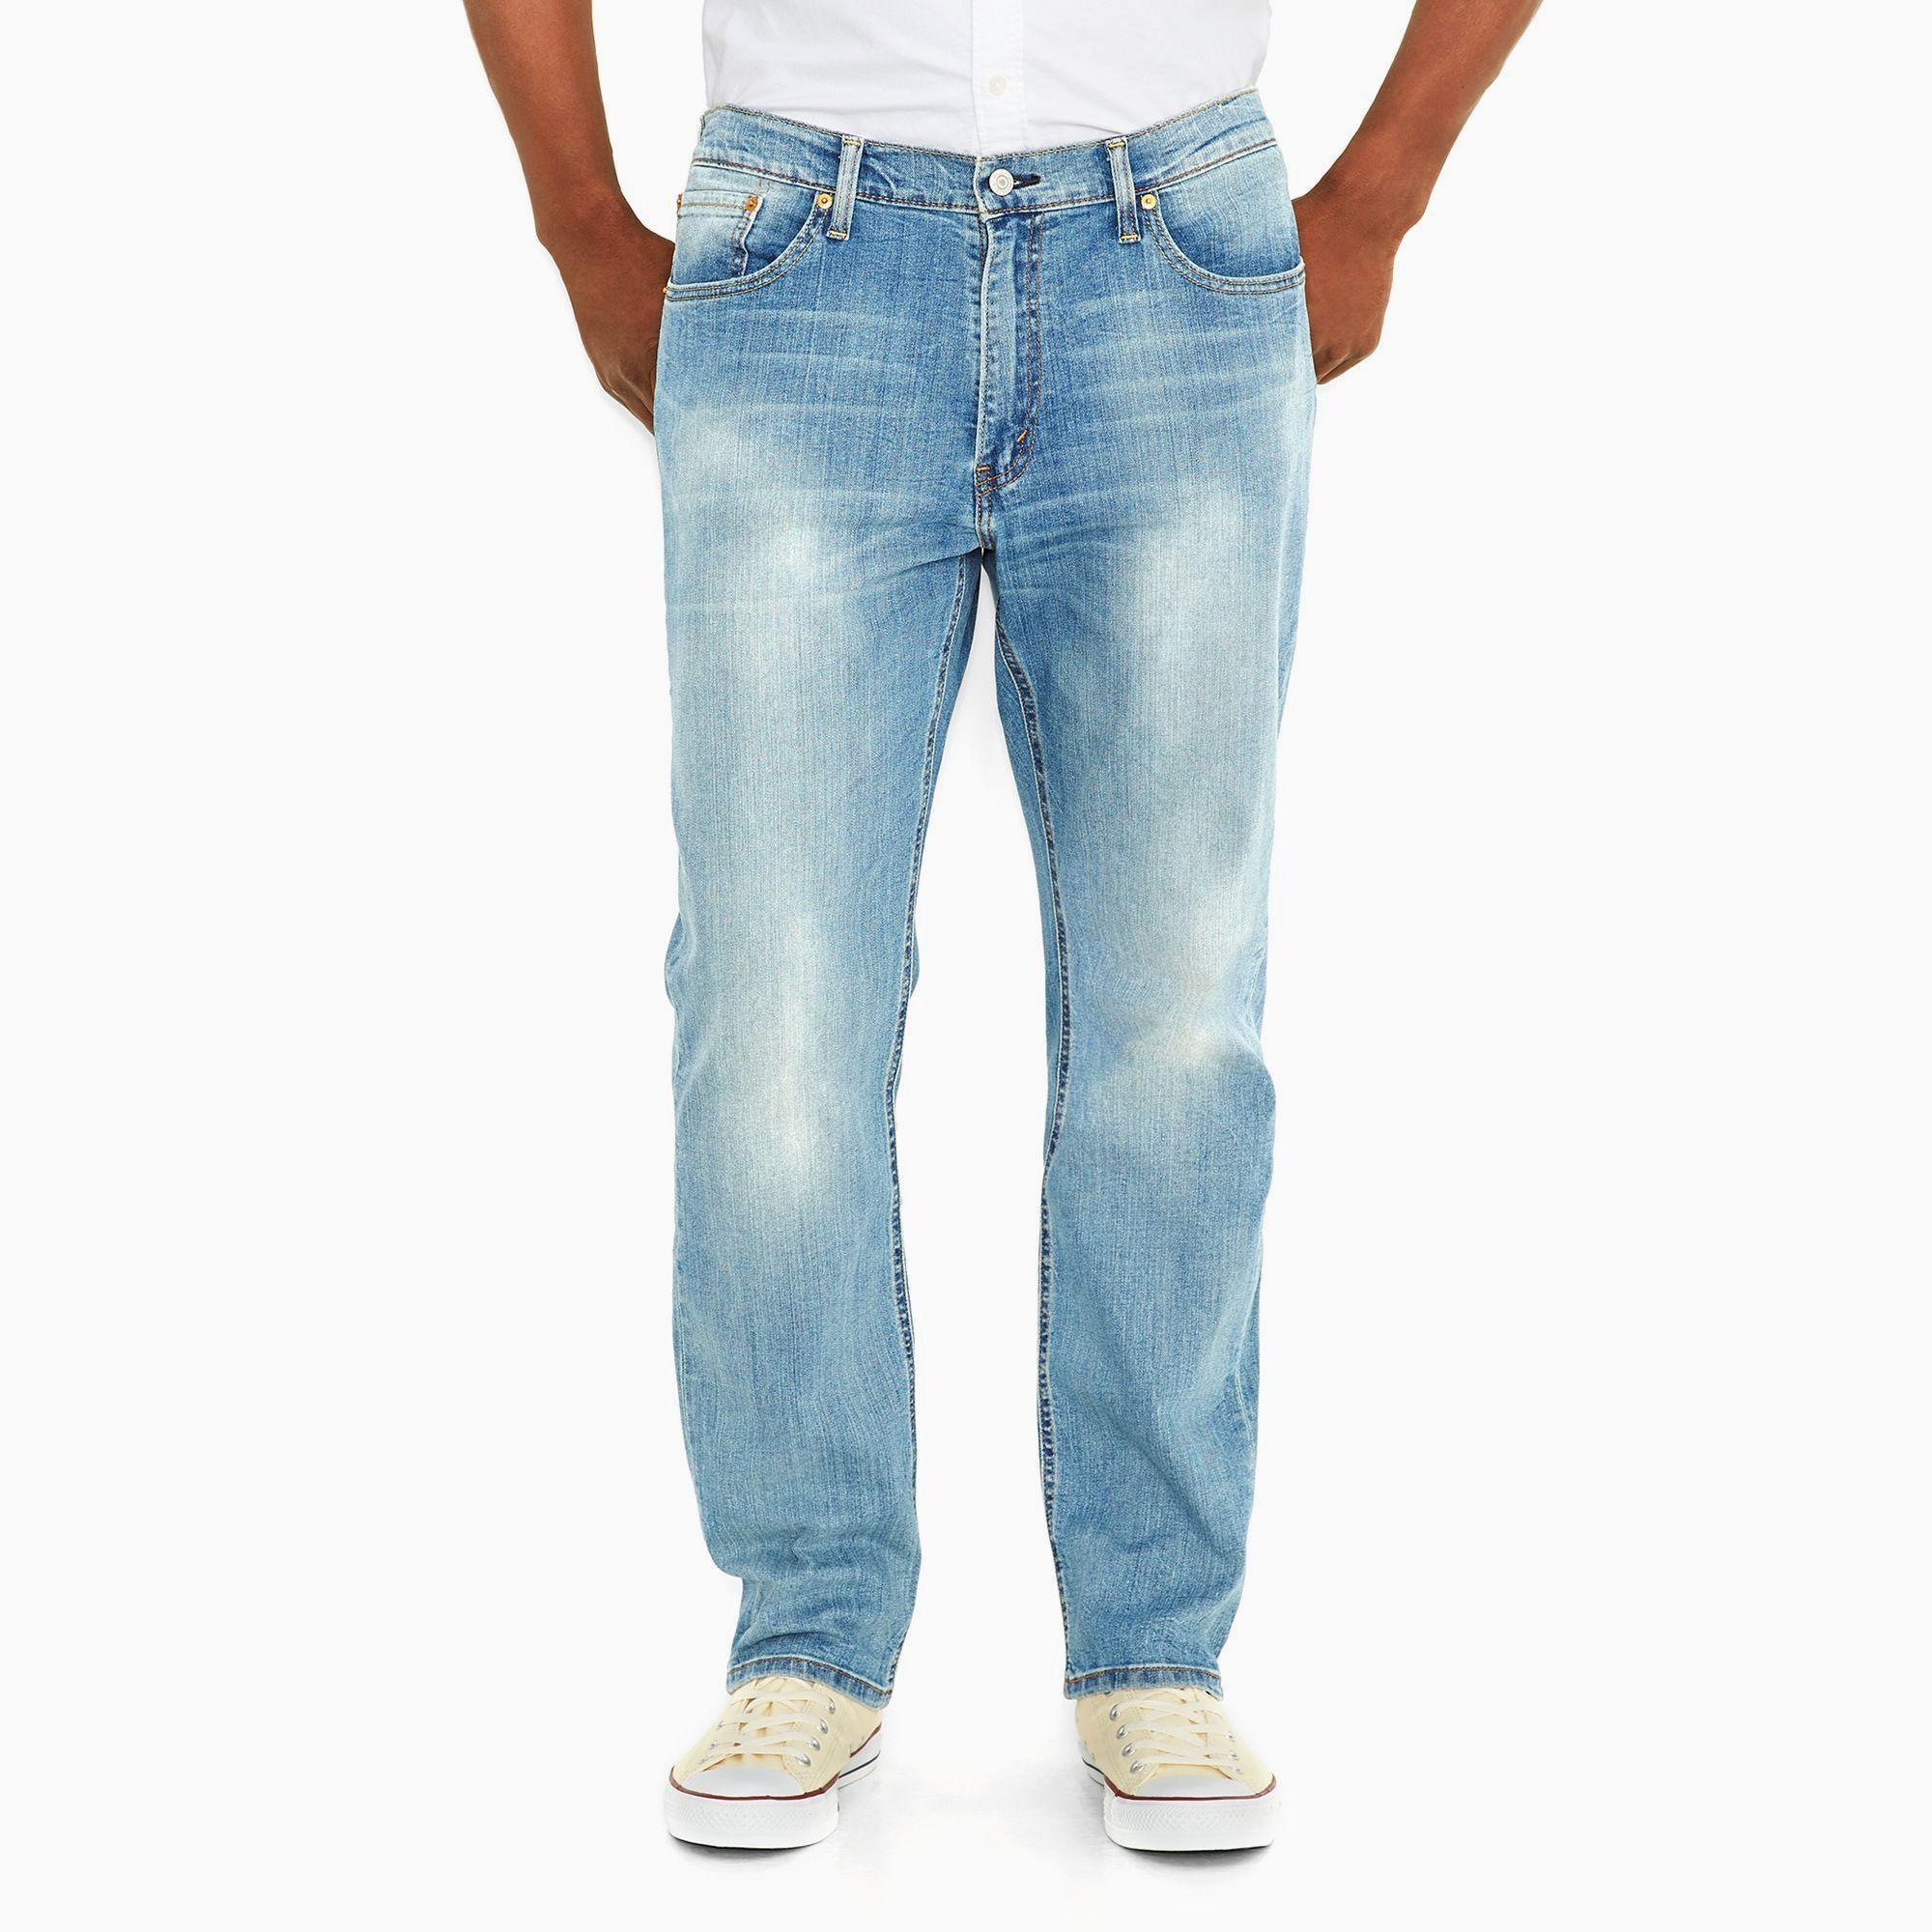 men's levi's athletic fit jeans